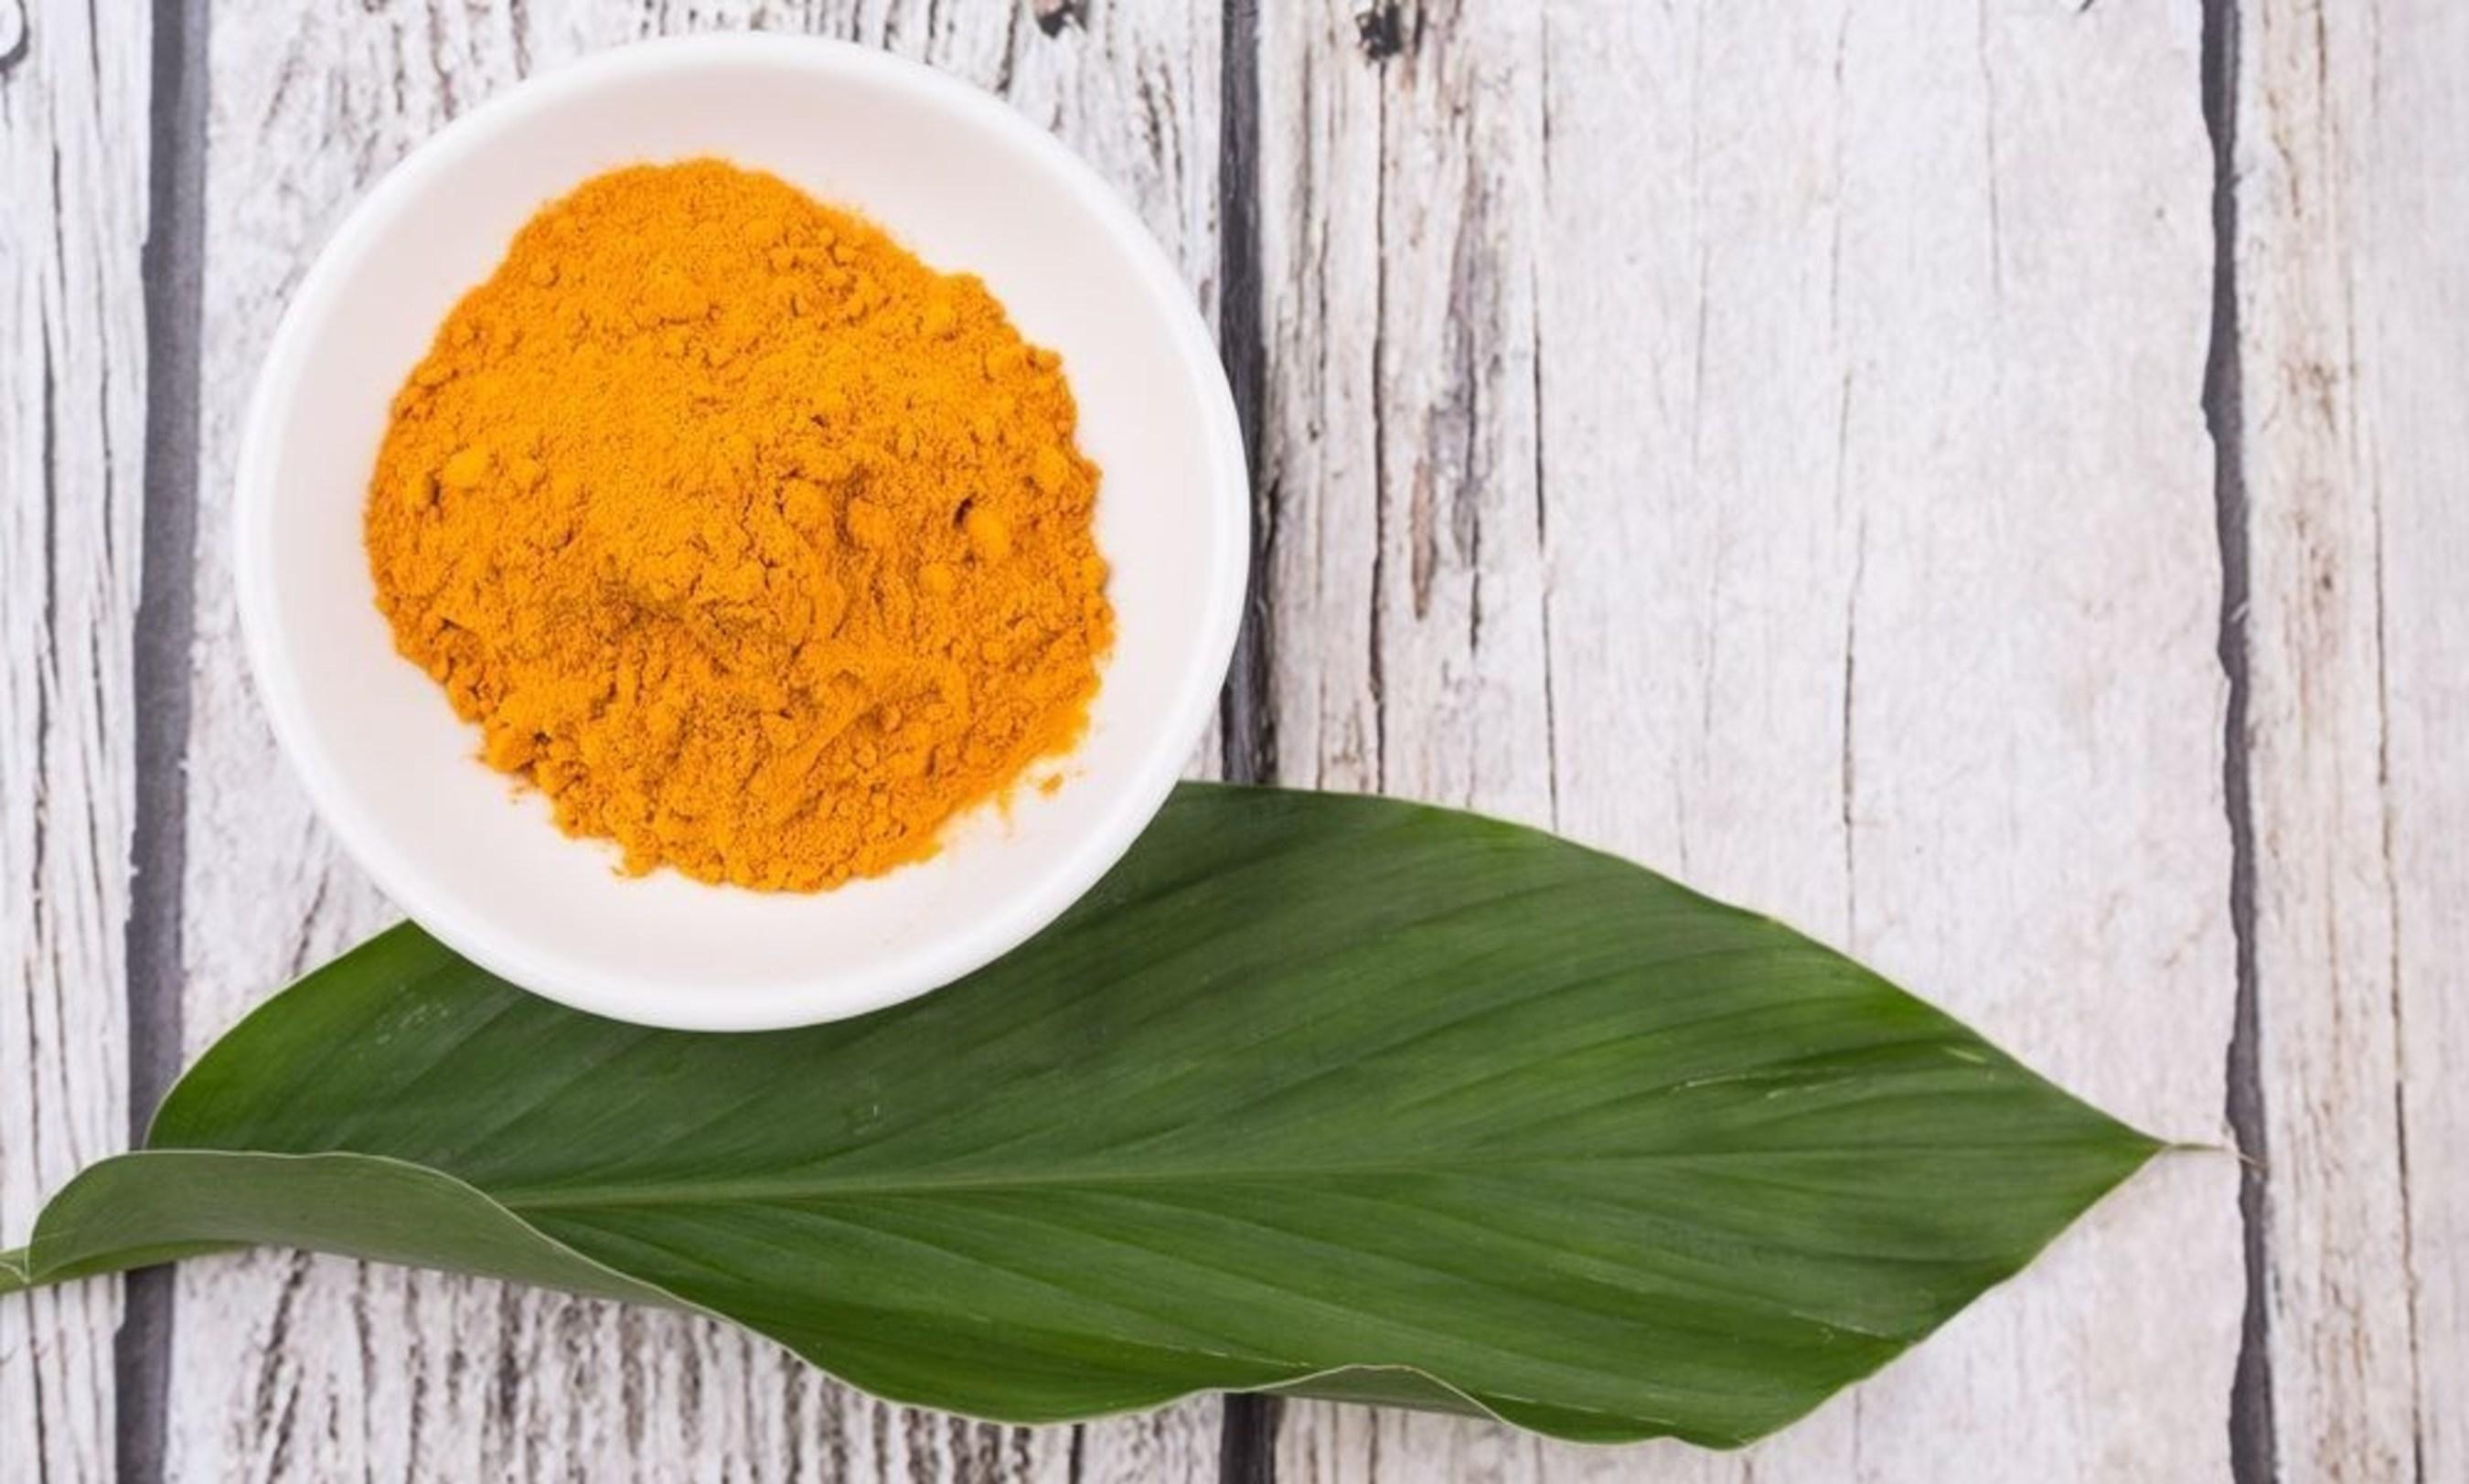 Arjuna Targets EU Market with Patented Curcumin (PRNewsFoto/Arjuna Natural Extracts Ltd.) (PRNewsFoto/Arjuna Natural Extracts Ltd.)